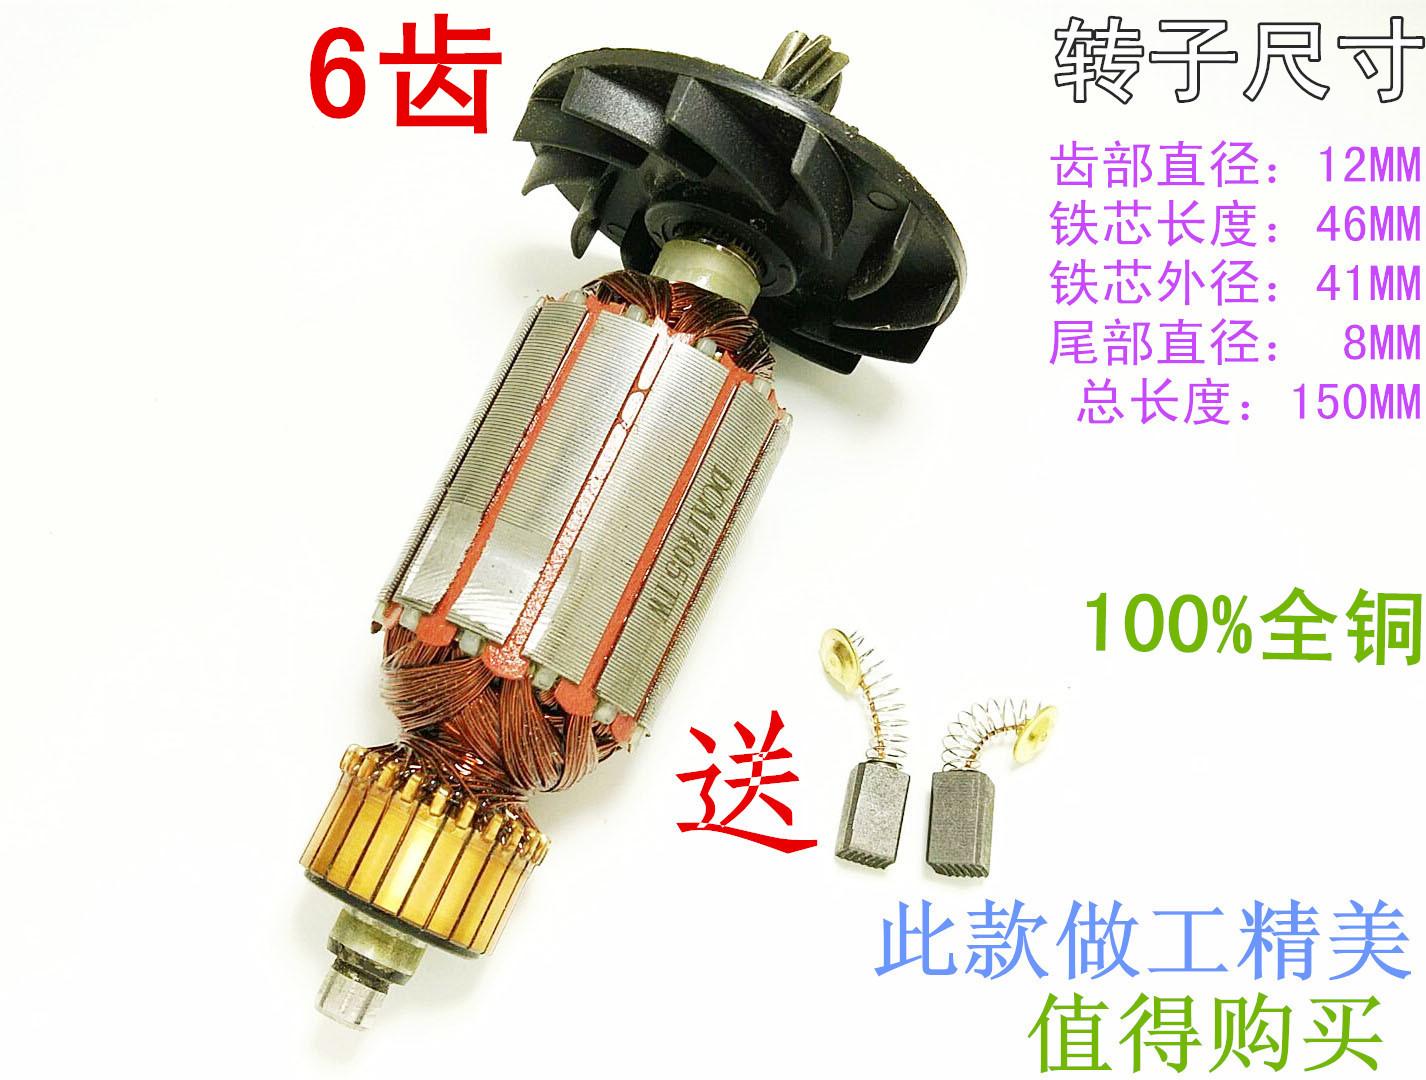 包邮 26 Hammer Rotor Hammer Drill Rotor Hammer Aksessuaarid Ühekordseks kasutamiseks mõeldud universaalne rott 6 hambaid